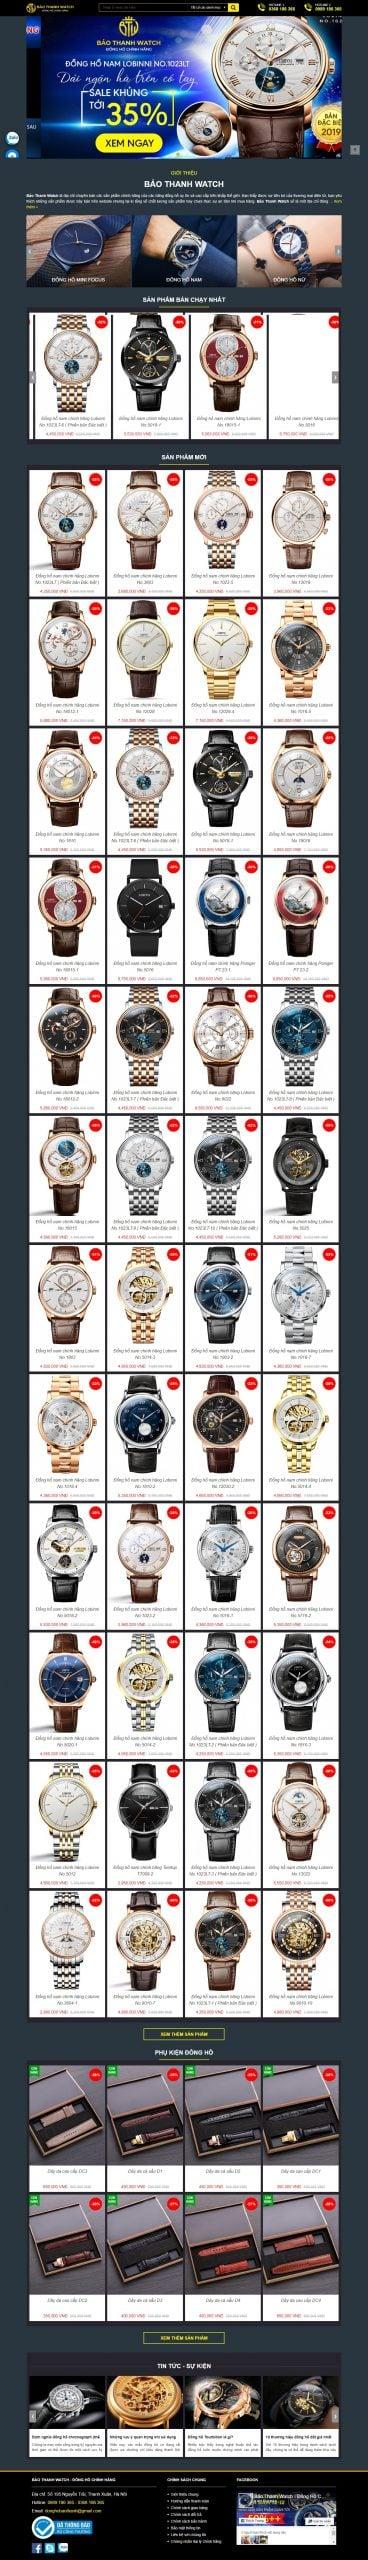 Mẫu thiết kế website bán hàng – donghobaothanh.vn Đồng Hồ Bảo Thanh, Đồng Hồ Chính Hãng, Đồng Hồ Đeo Tay Nam Nữ